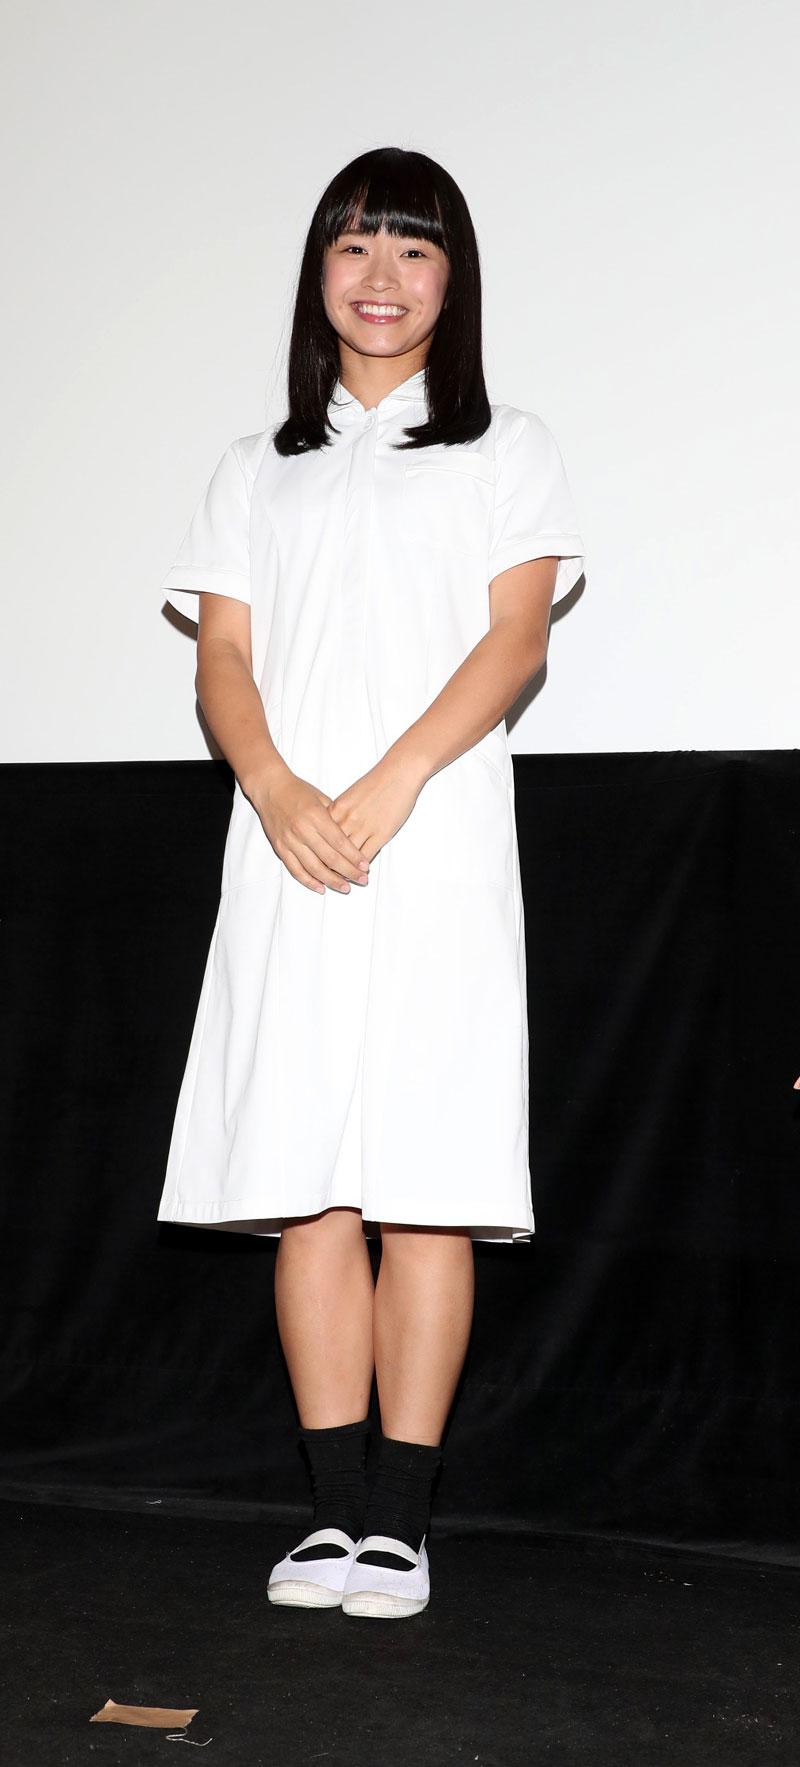 画像 : 3番目の画像 - 「山田菜々美(AKB48)、百川晴香/映画『黒看』のプレミア上映会開催。「スクリーンに自分が映っているのは不思議な気持ちですけど、たくさんの方が来てくださって幸せです」」のアルバム - Stereo Sound ONLINE